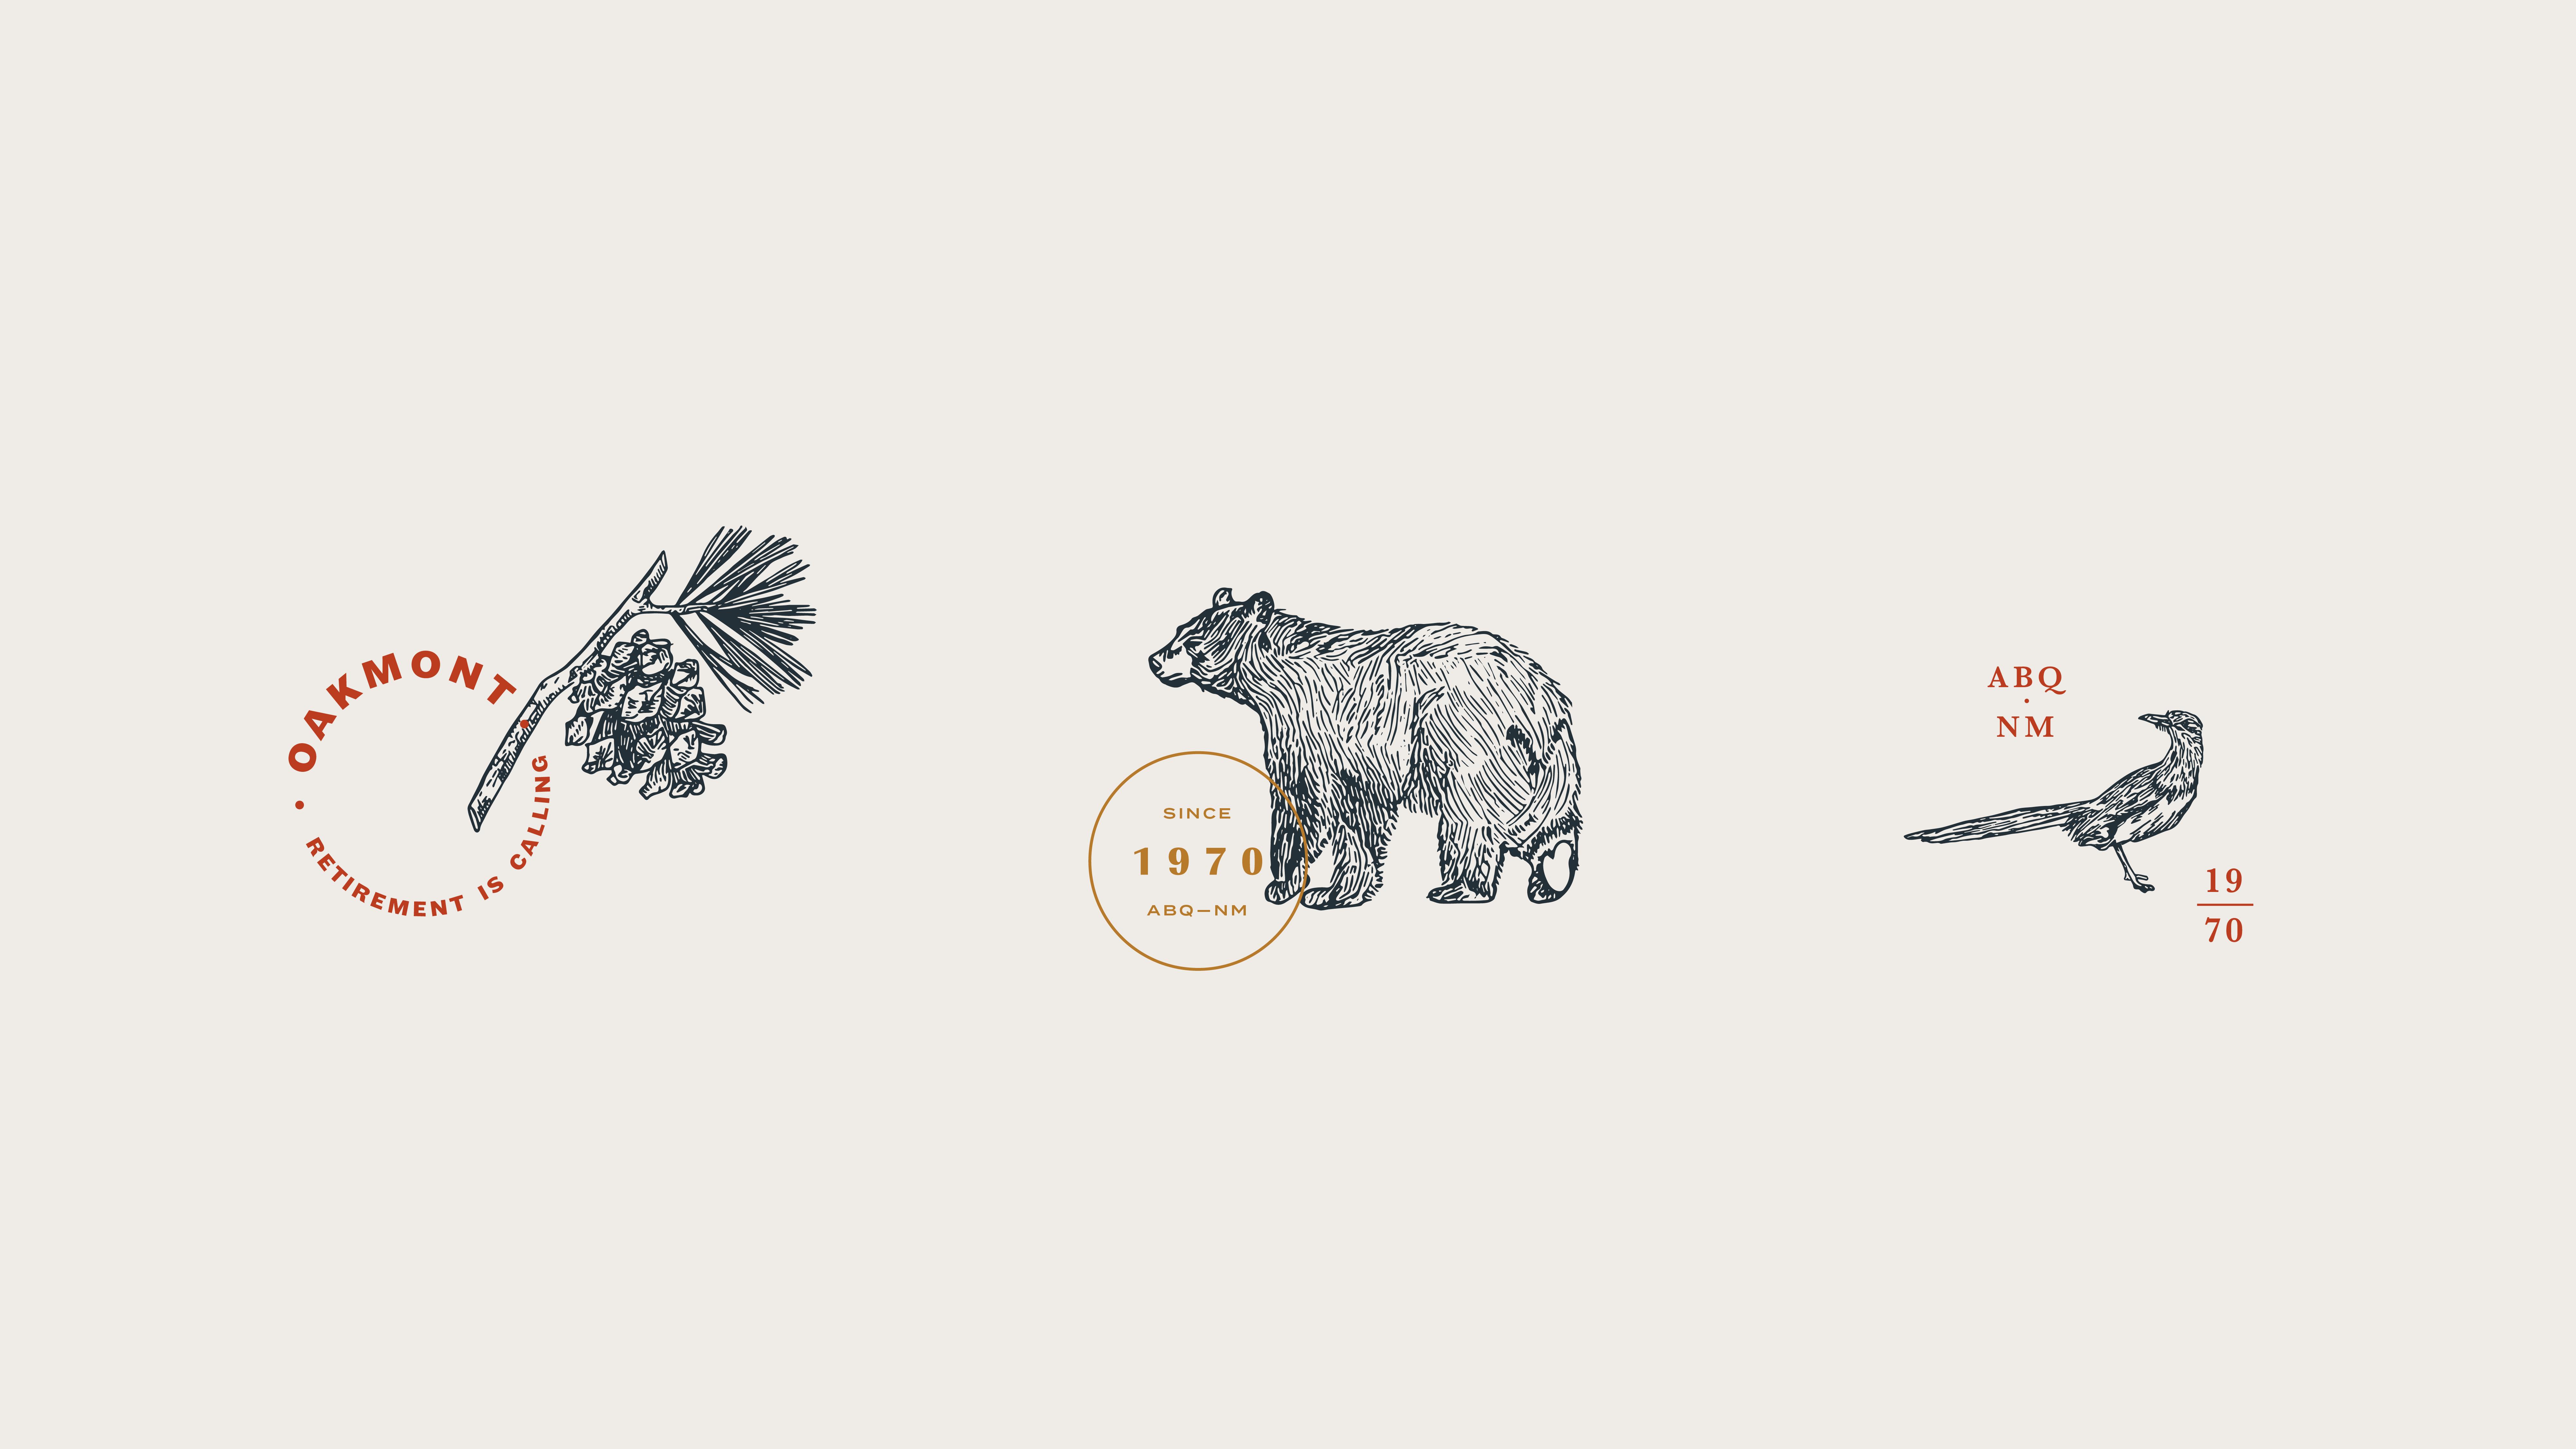 Oakmont illustrations and stamps: pinyon pine tree branch, black bear, roadrunner